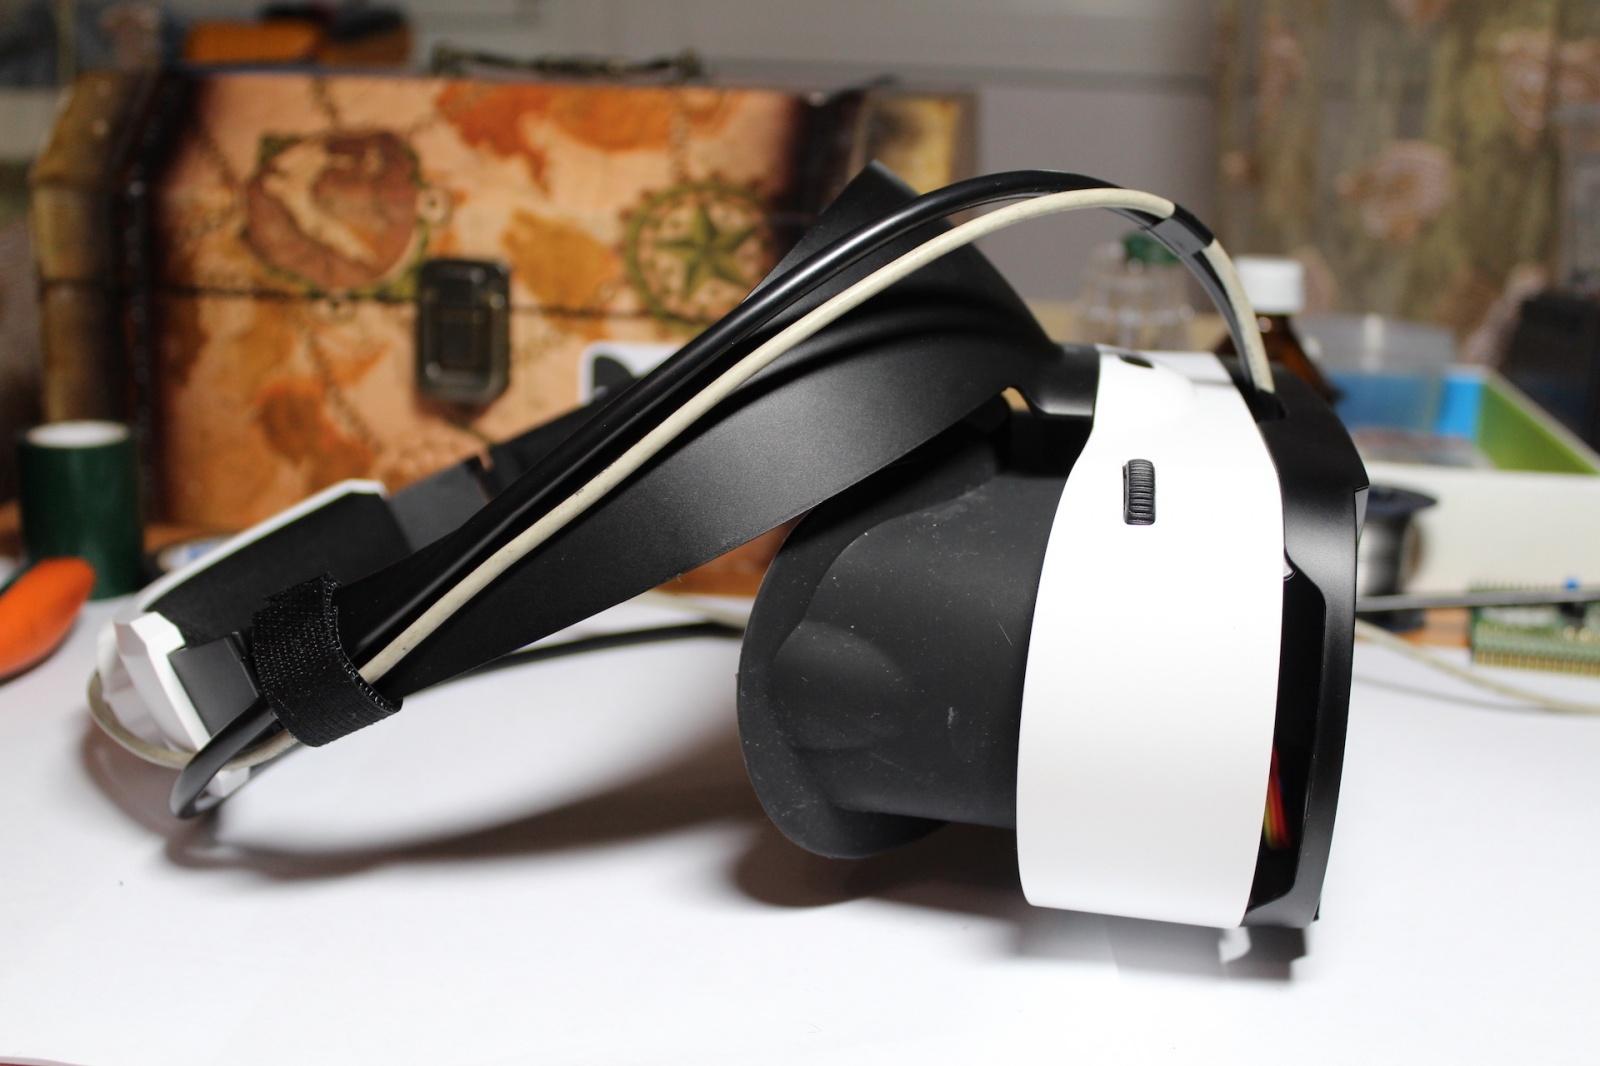 Как сделать шлем виртуальной реальности своими руками - 13